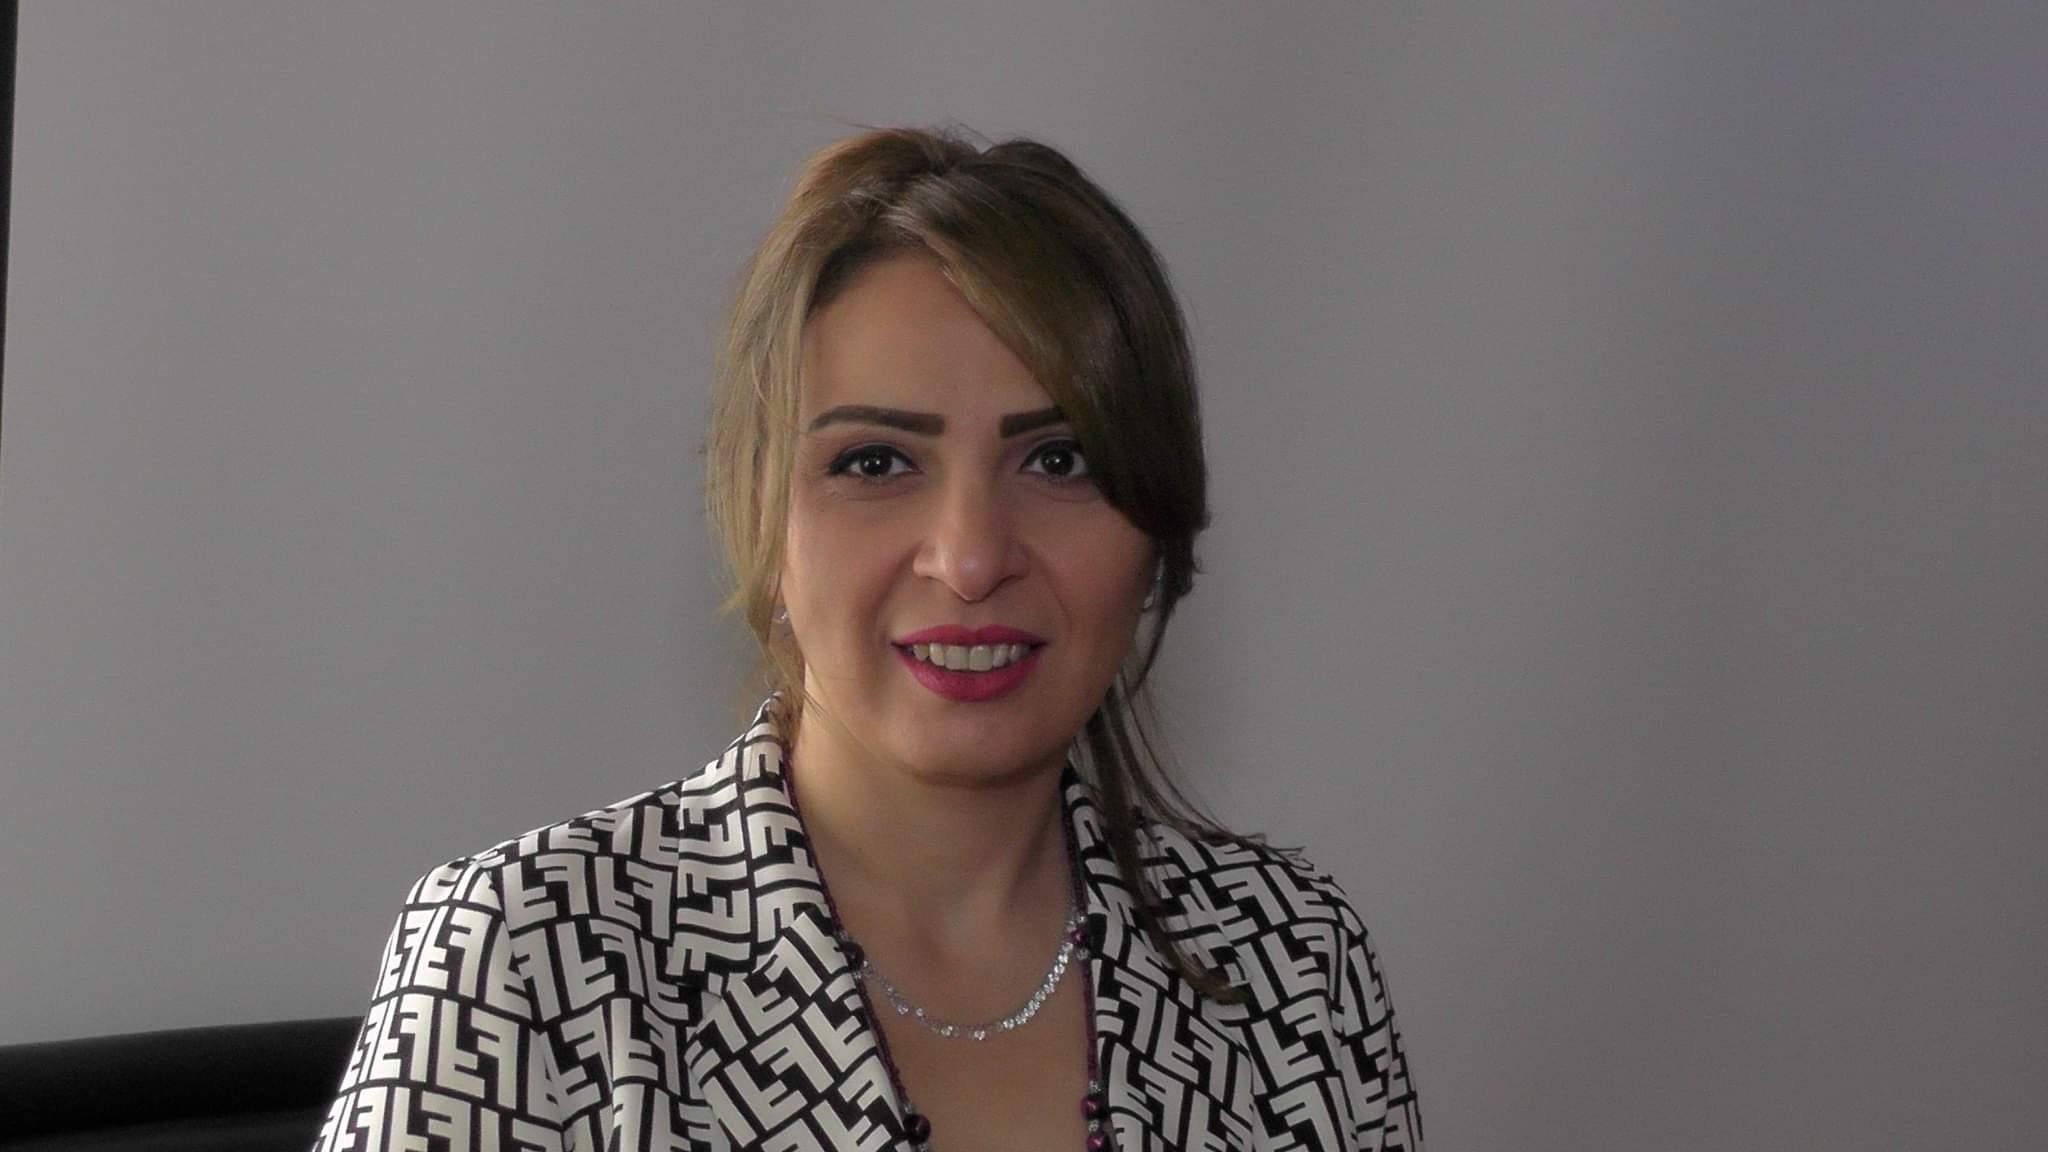 البورصة والعاصمة الادارية الجديدة  بقلم د. رانيه الجندي